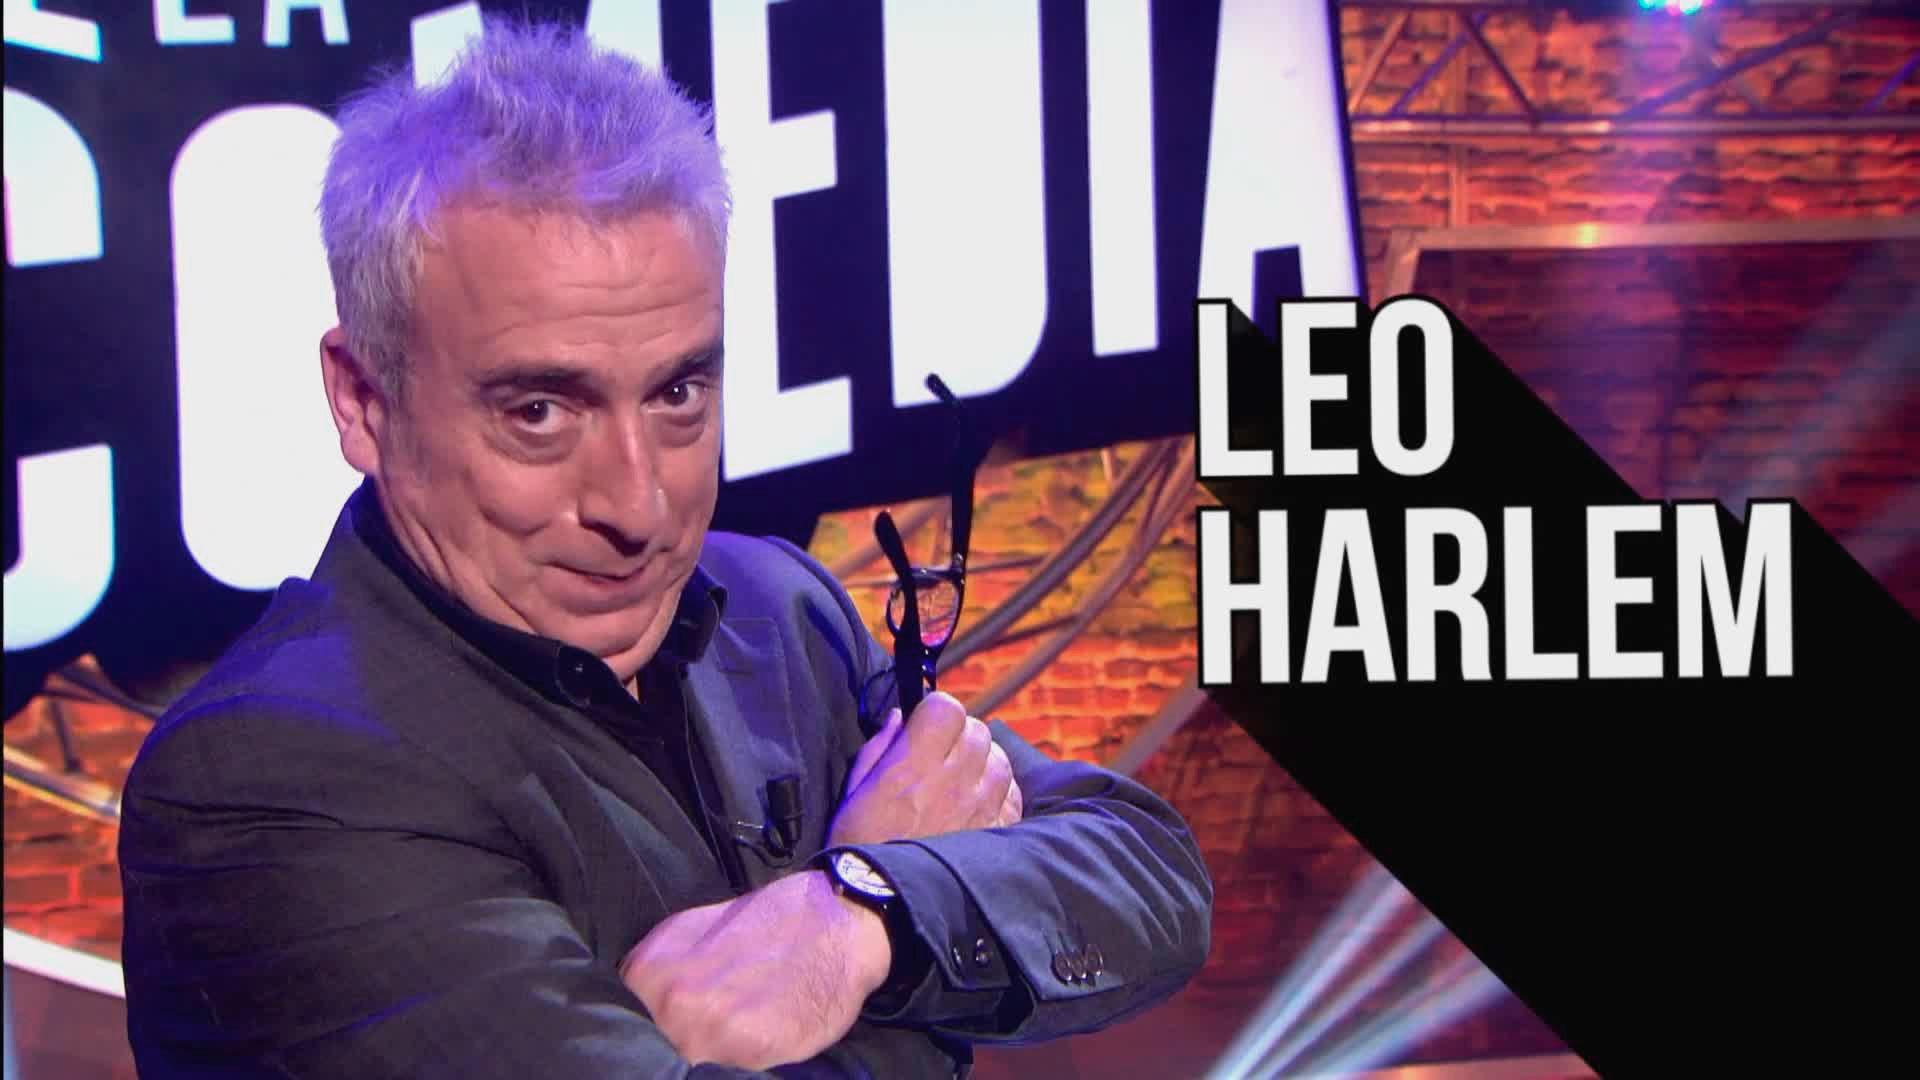 Leo Harlem monçologos